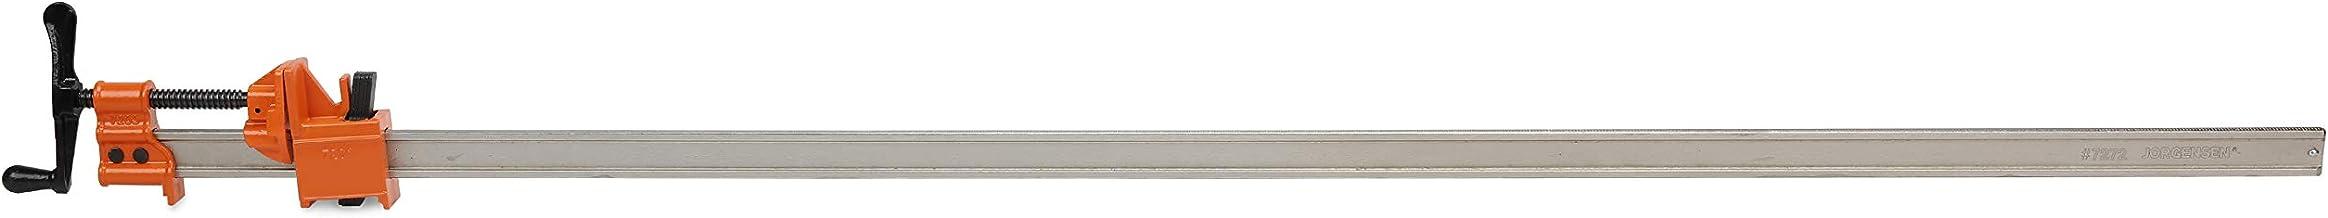 Pony Jorgensen Jorgensen 7248 48-Inch Heavy-Duty Steel I-Bar Clamp